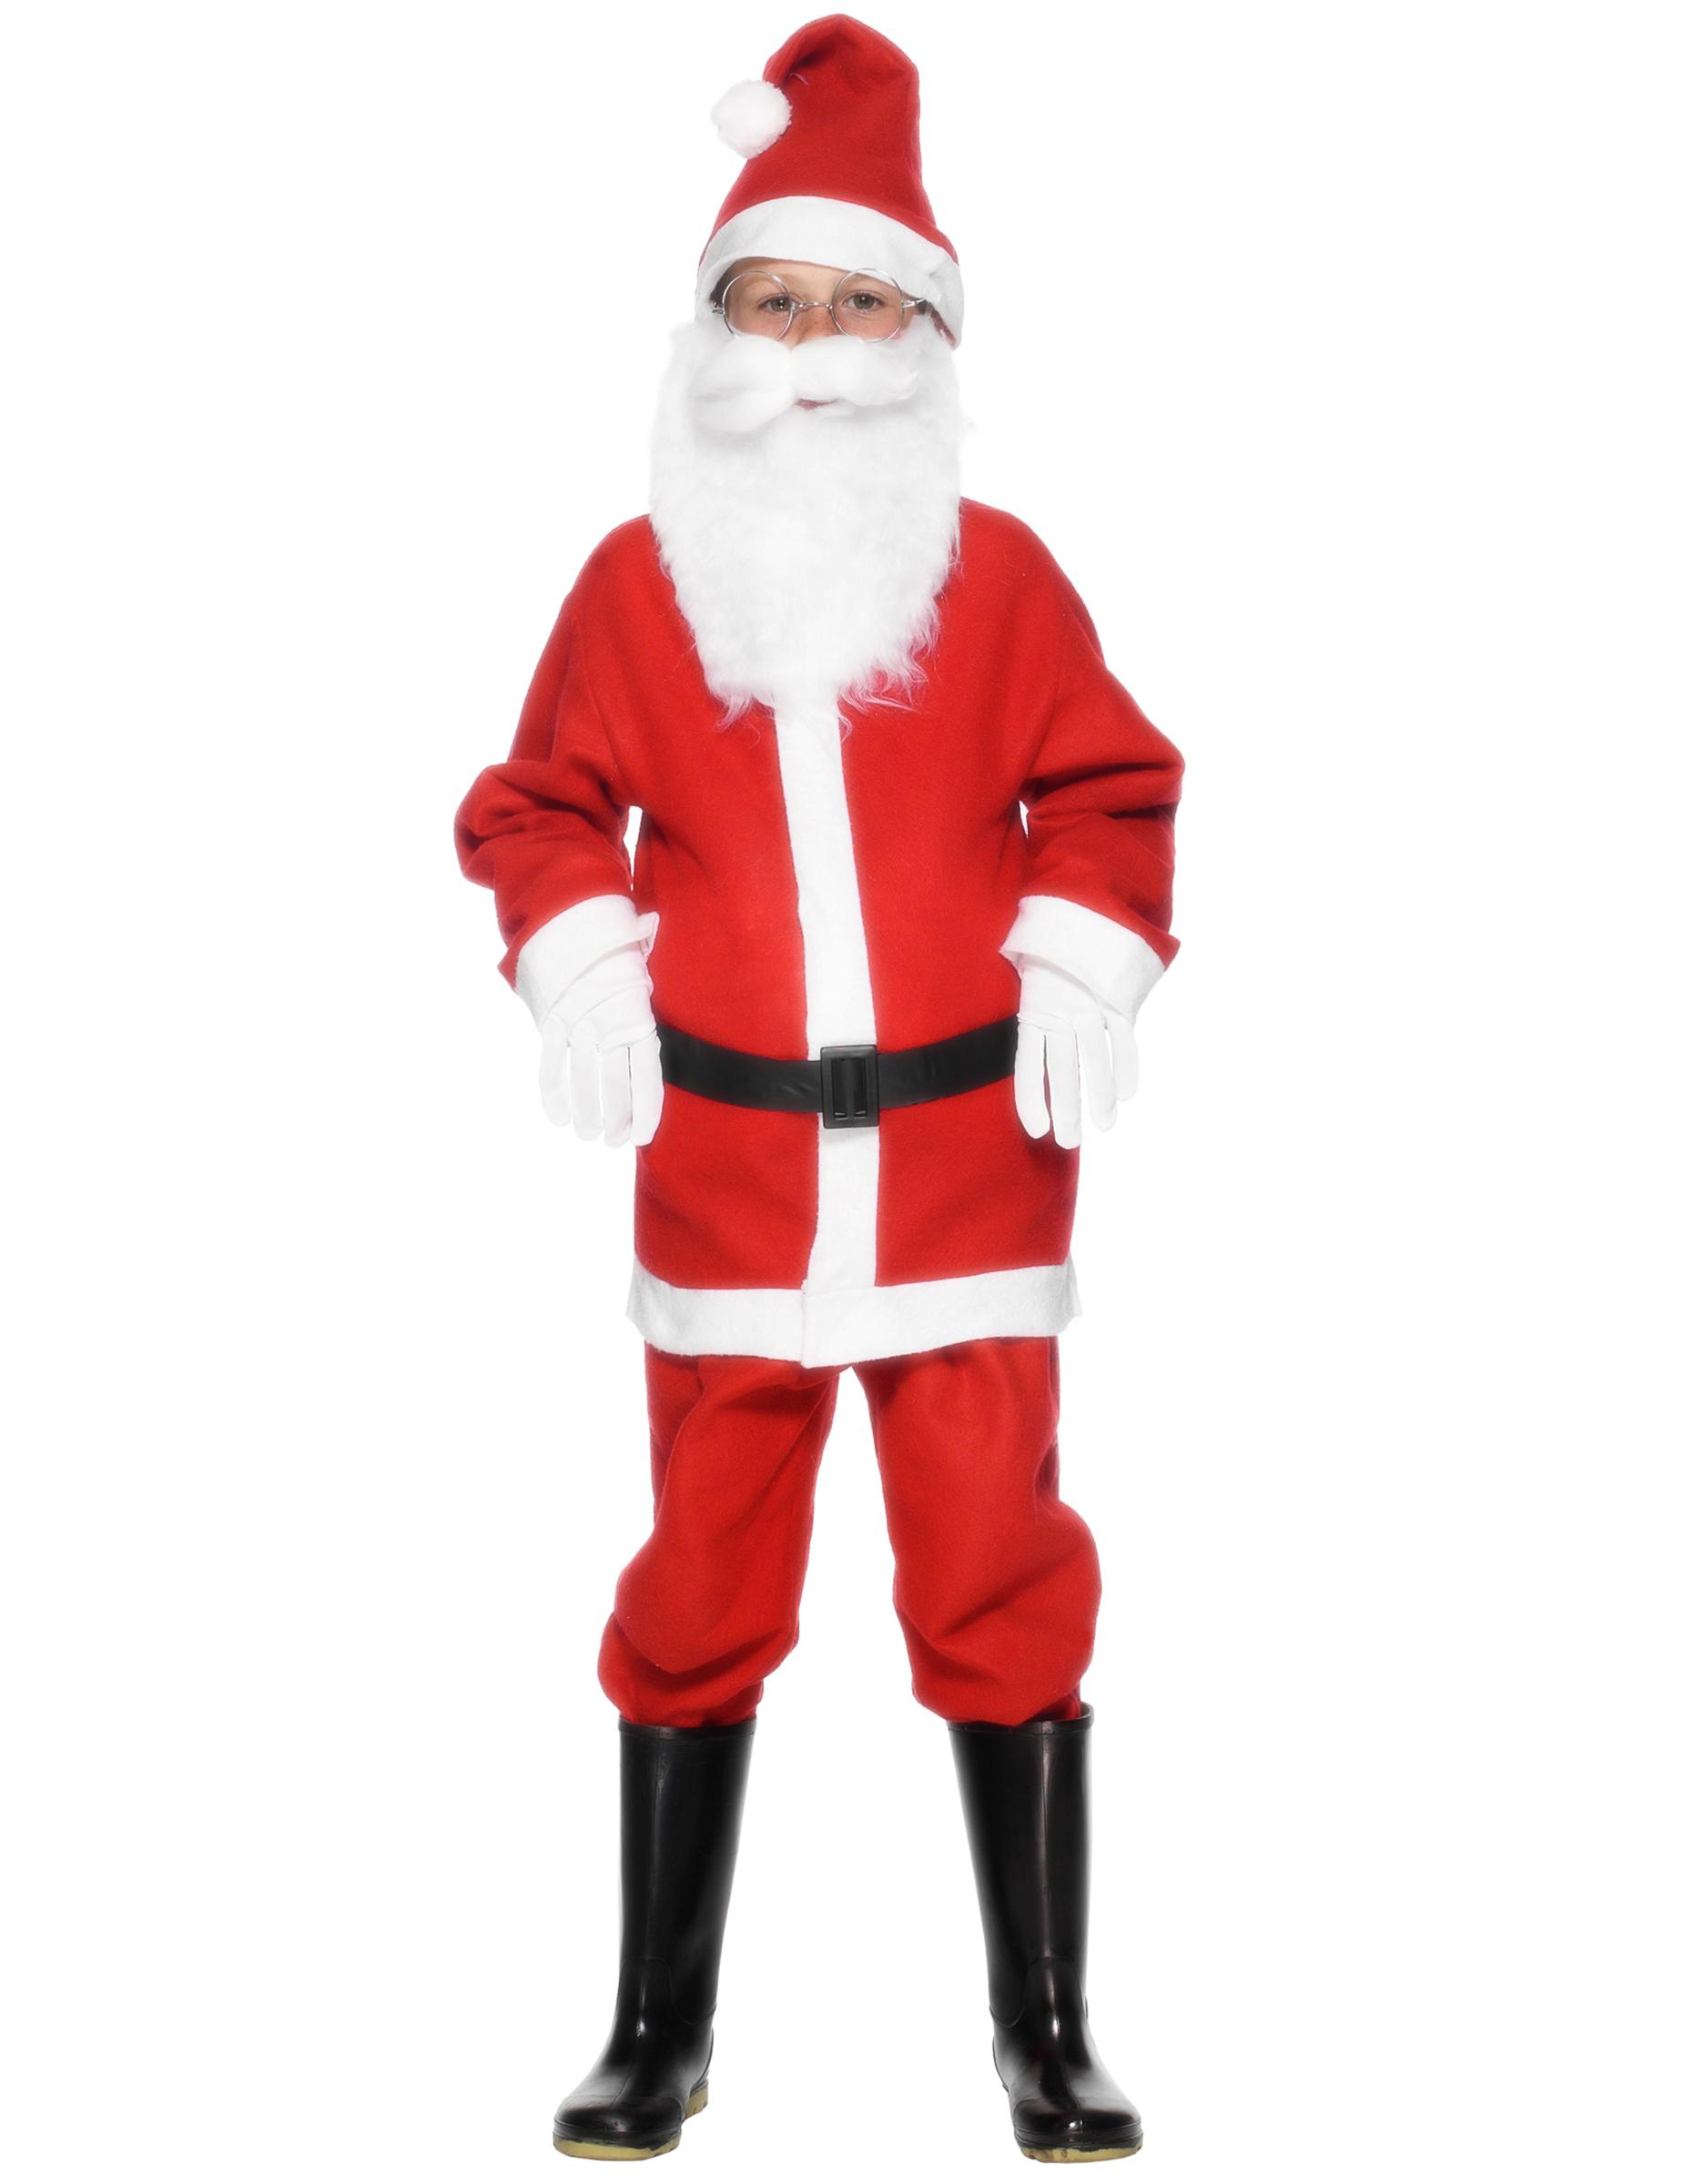 10a27fcc5179f Déguisement Père Noël garçon   Deguise-toi